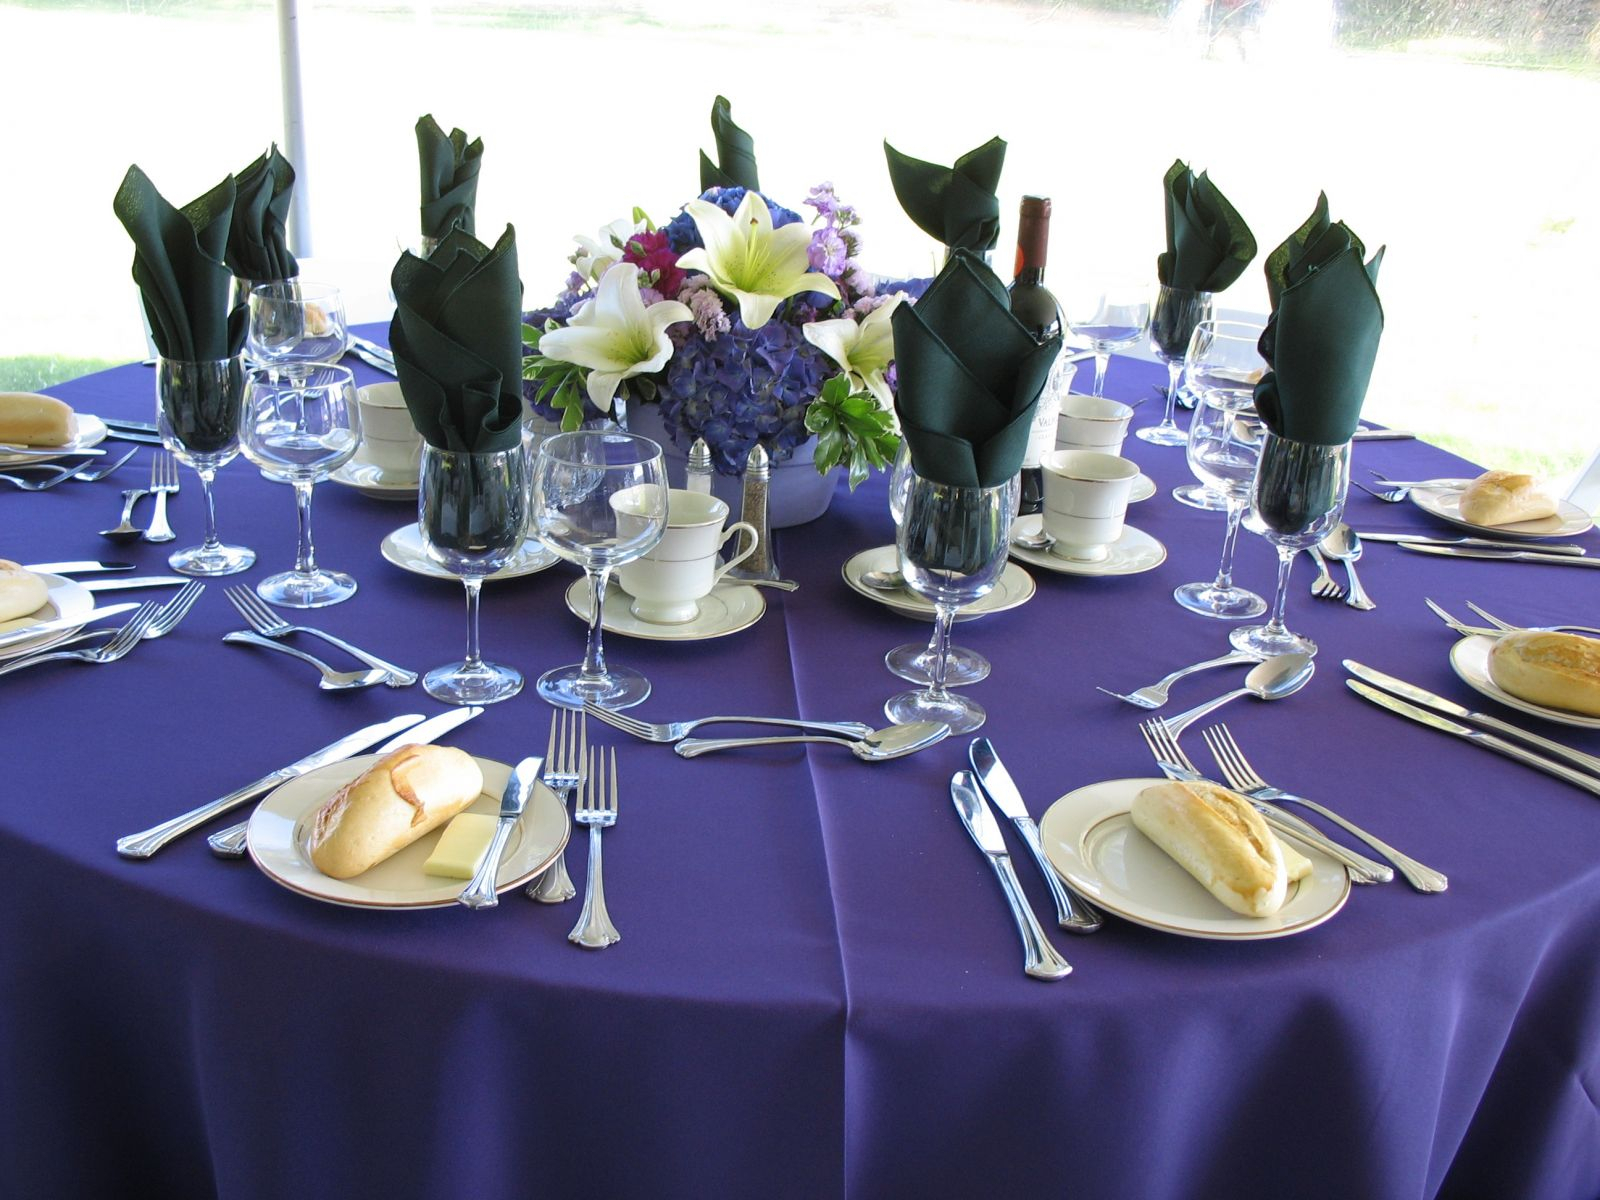 Сервировка стола в домашних условиях: основные правила и варианты сервировки для разных случаев